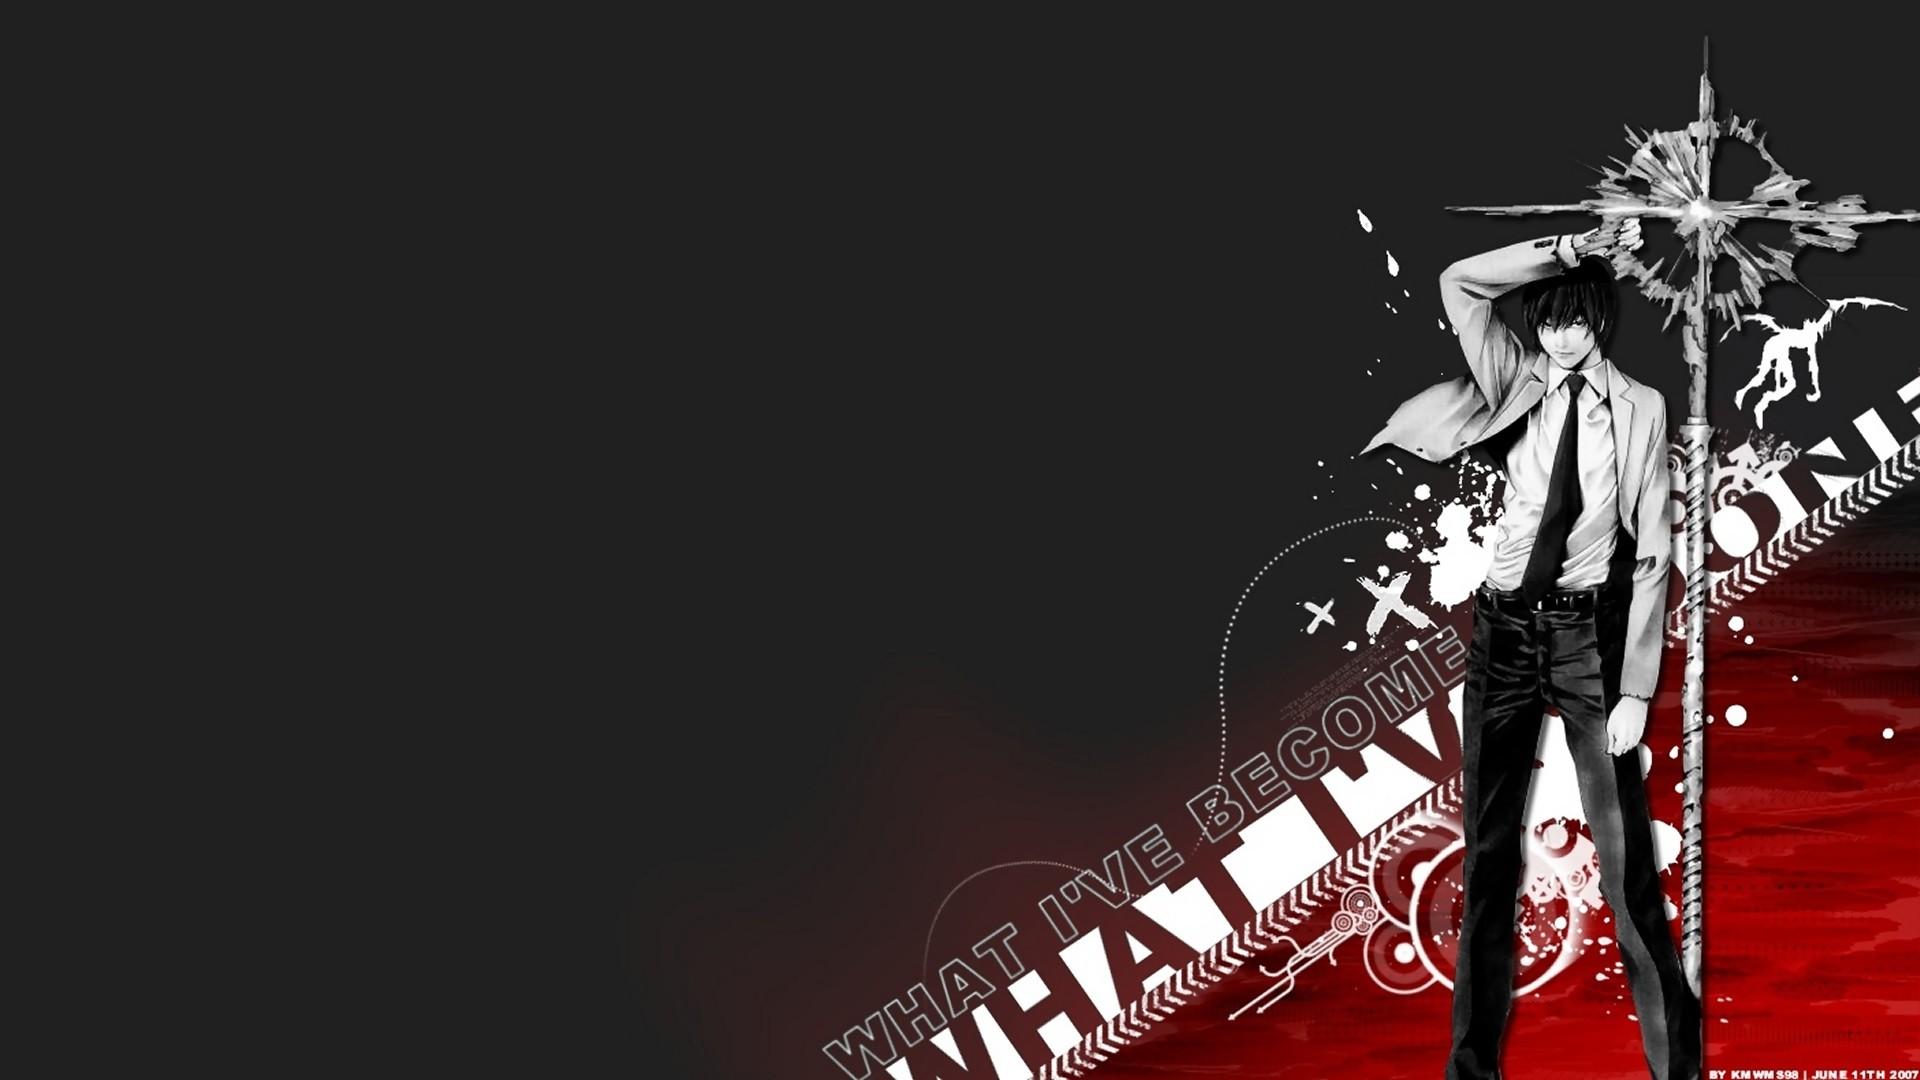 デスクトップ壁紙 図 アニメ少年 ギター デスノート ギタリスト